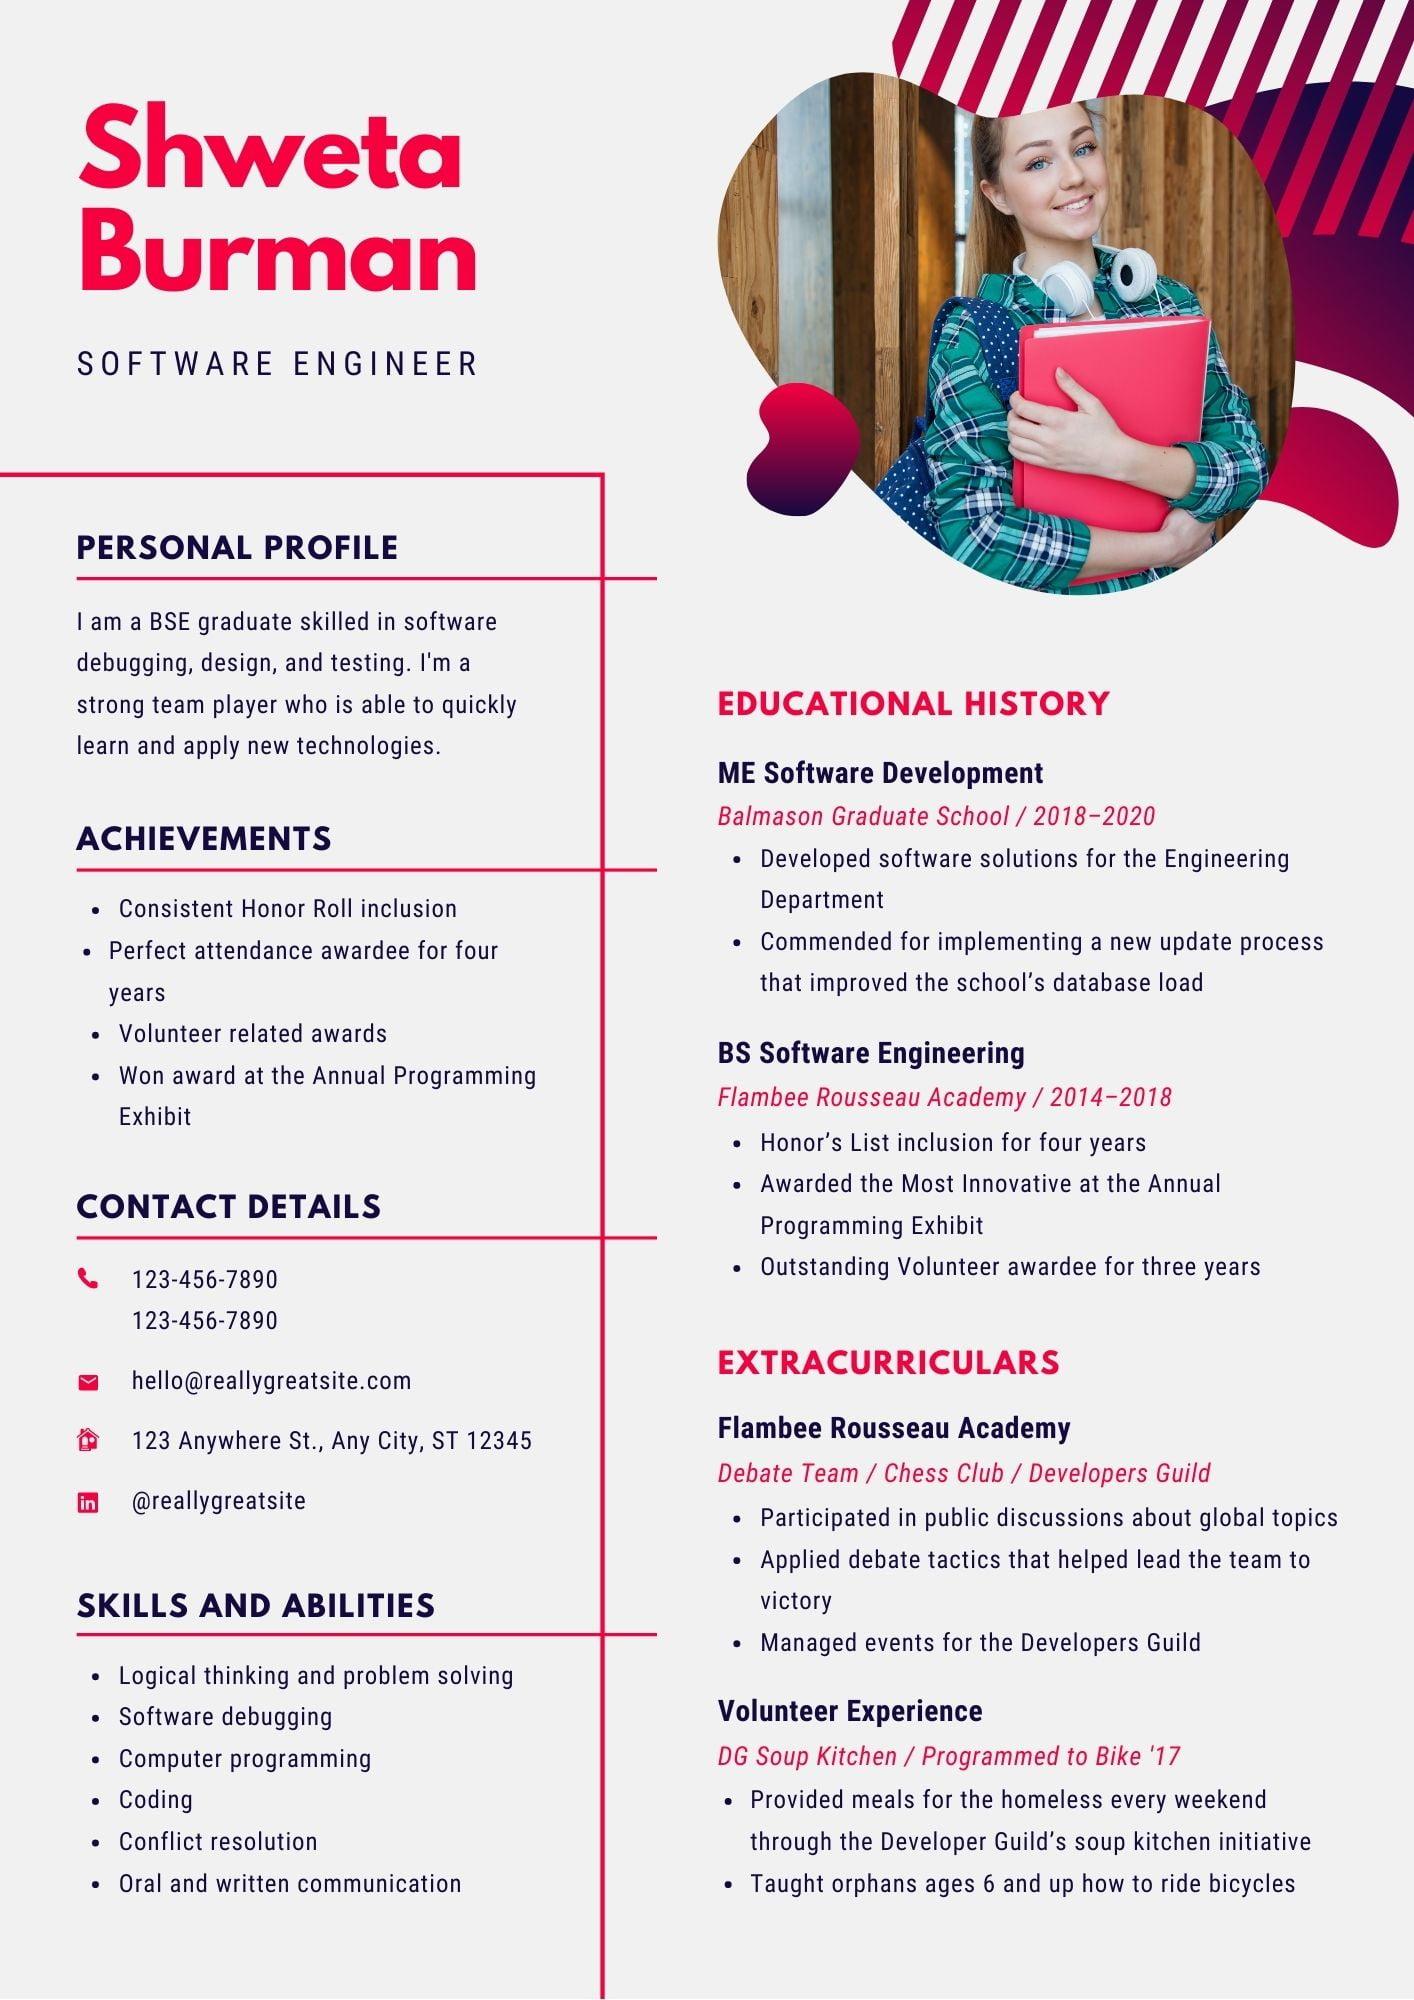 Resume fresher software engineer publishing books